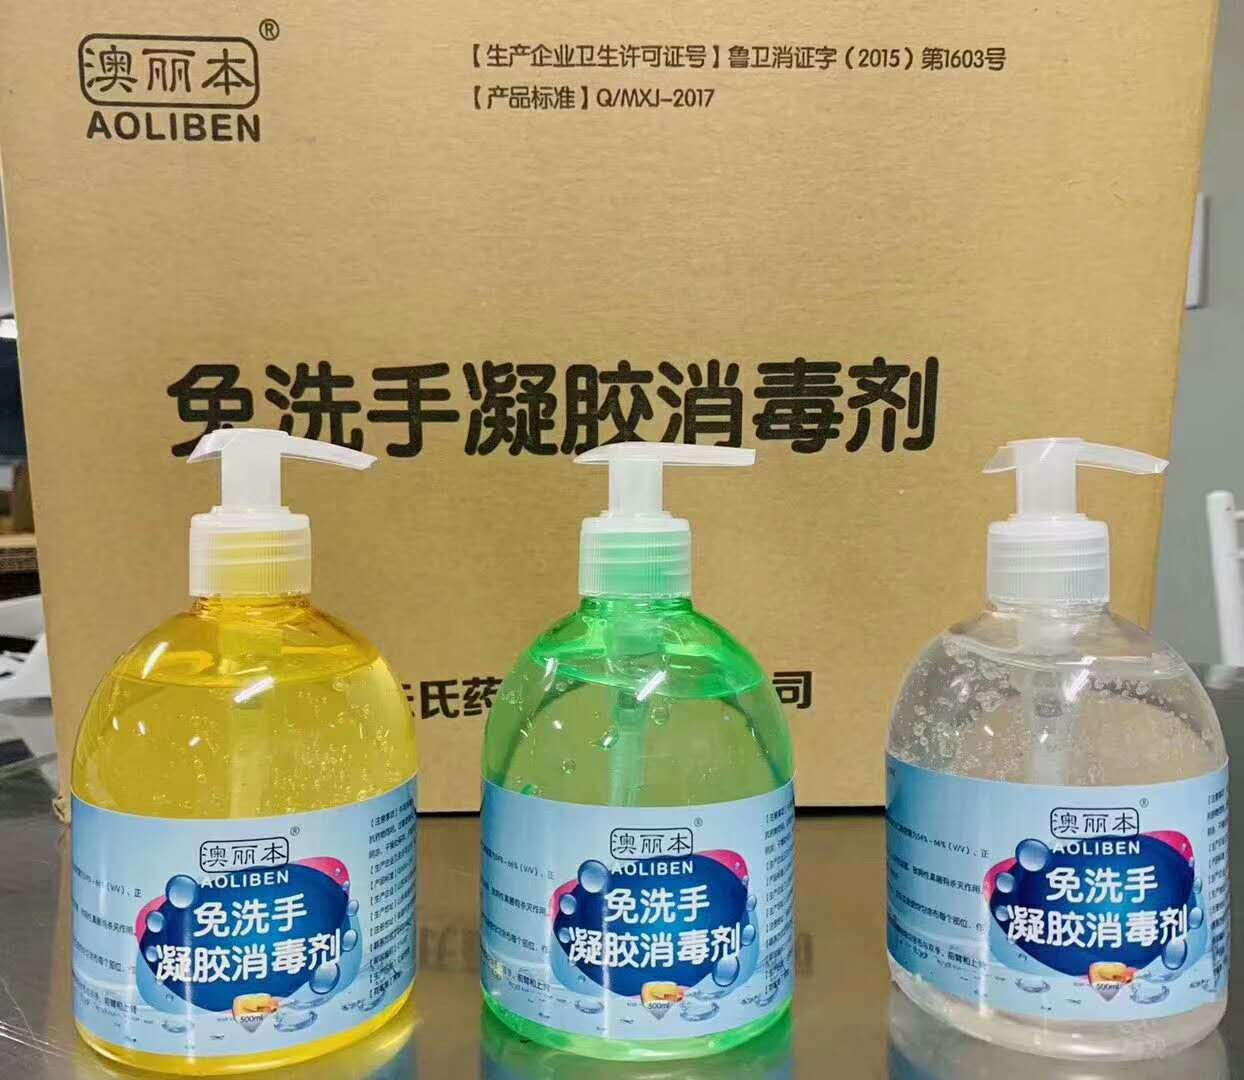 免洗手凝膠消毒劑